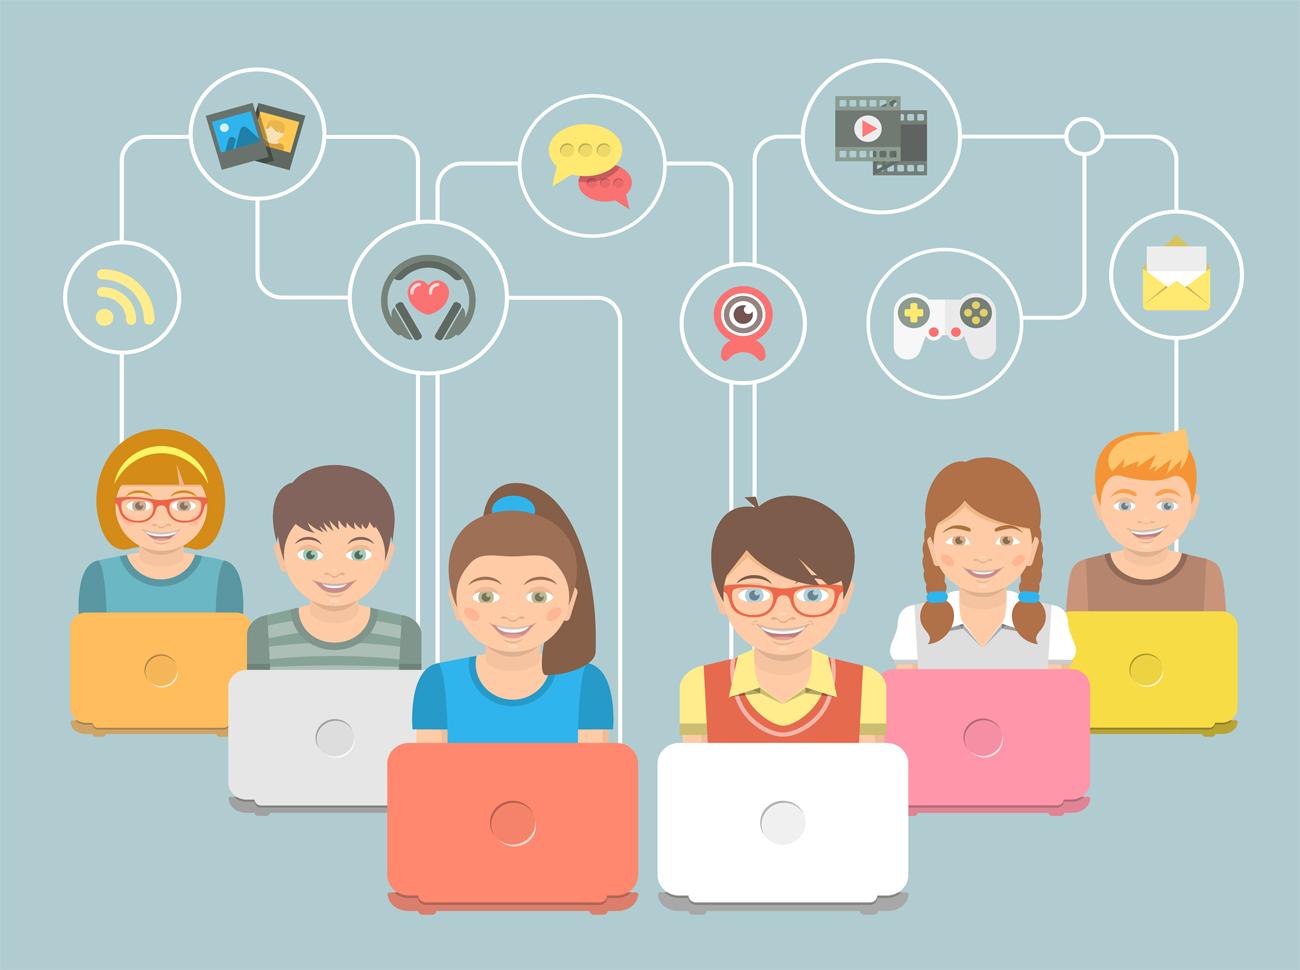 Dijital Pazarlama ve Markalaşmanın Çocuklar Üzerindeki Etkisi